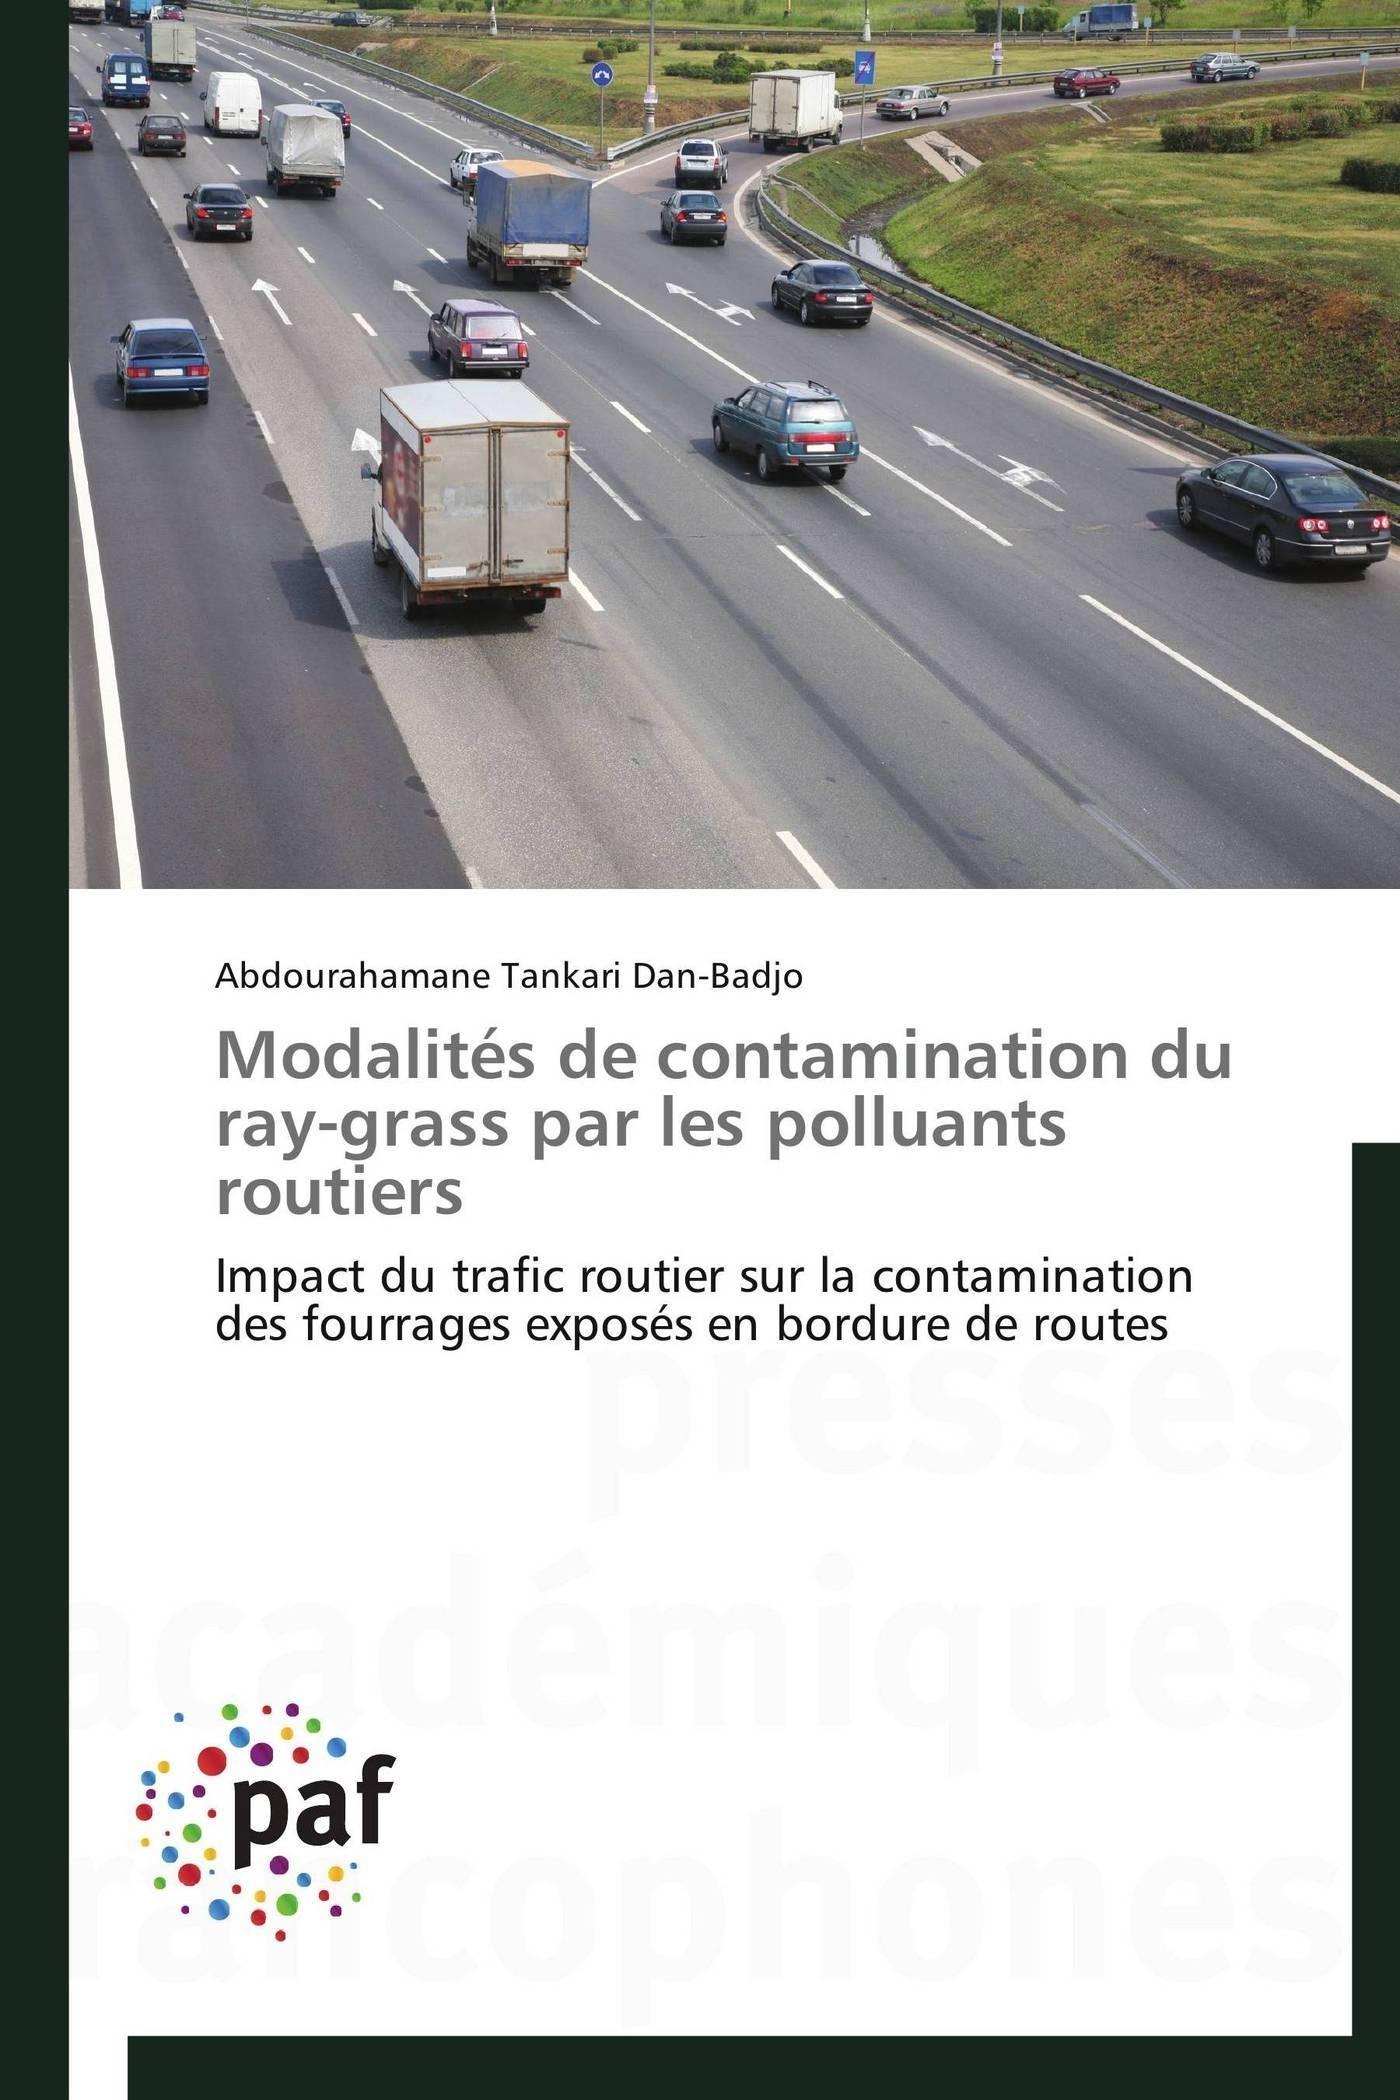 MODALITES DE CONTAMINATION DU RAY-GRASS PAR LES POLLUANTS ROUTIERS